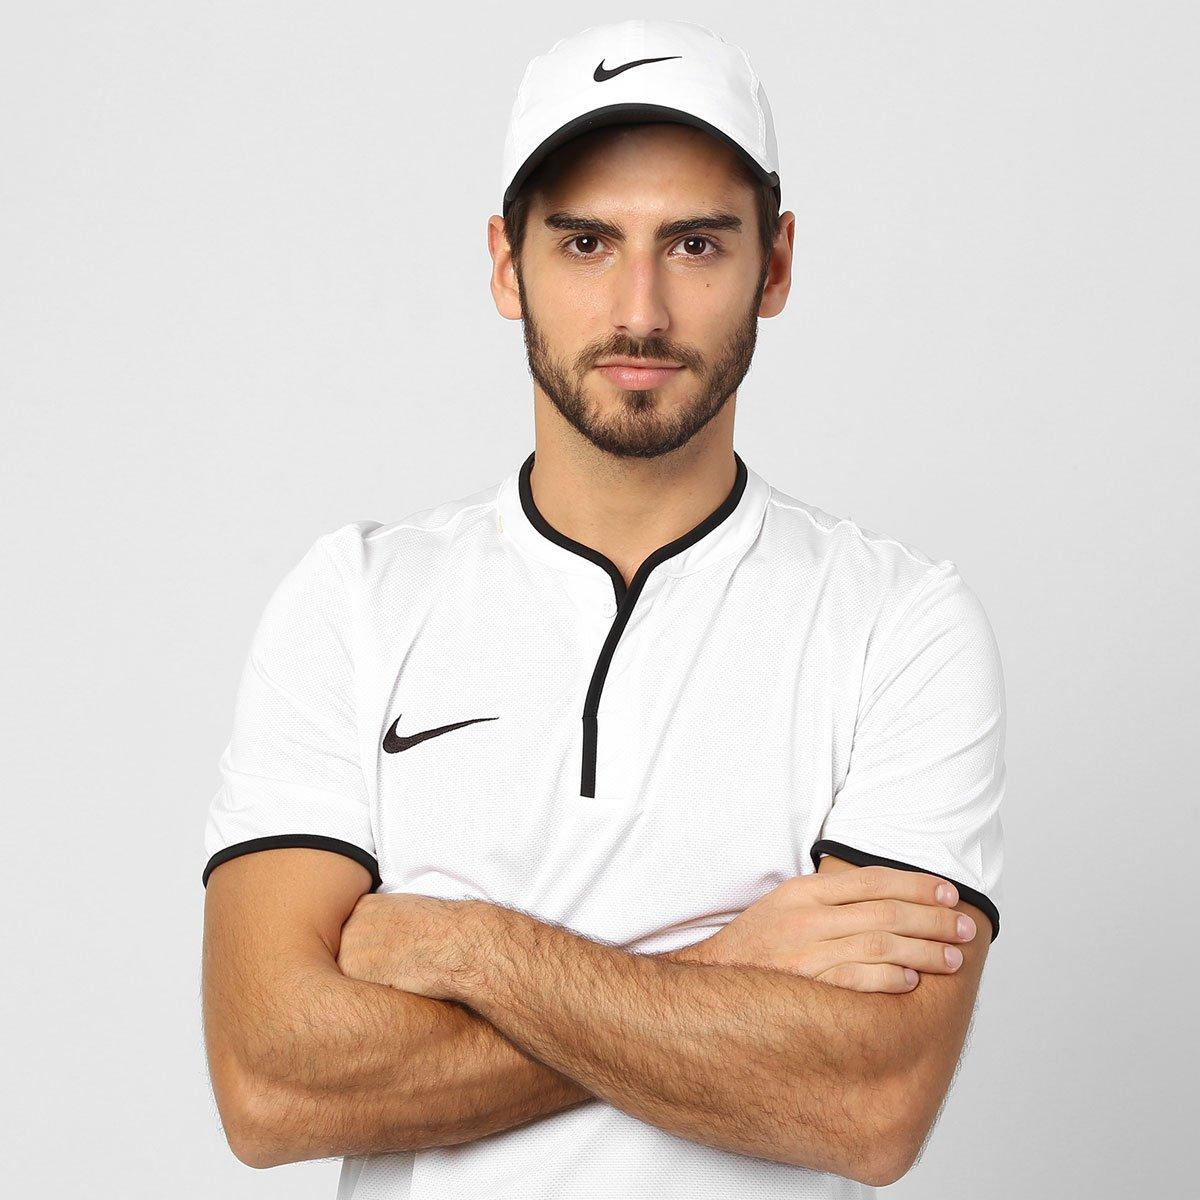 Boné Nike Aba Curva Featherlight - Branco e Preto - Compre Agora ... 7b947c2fff0